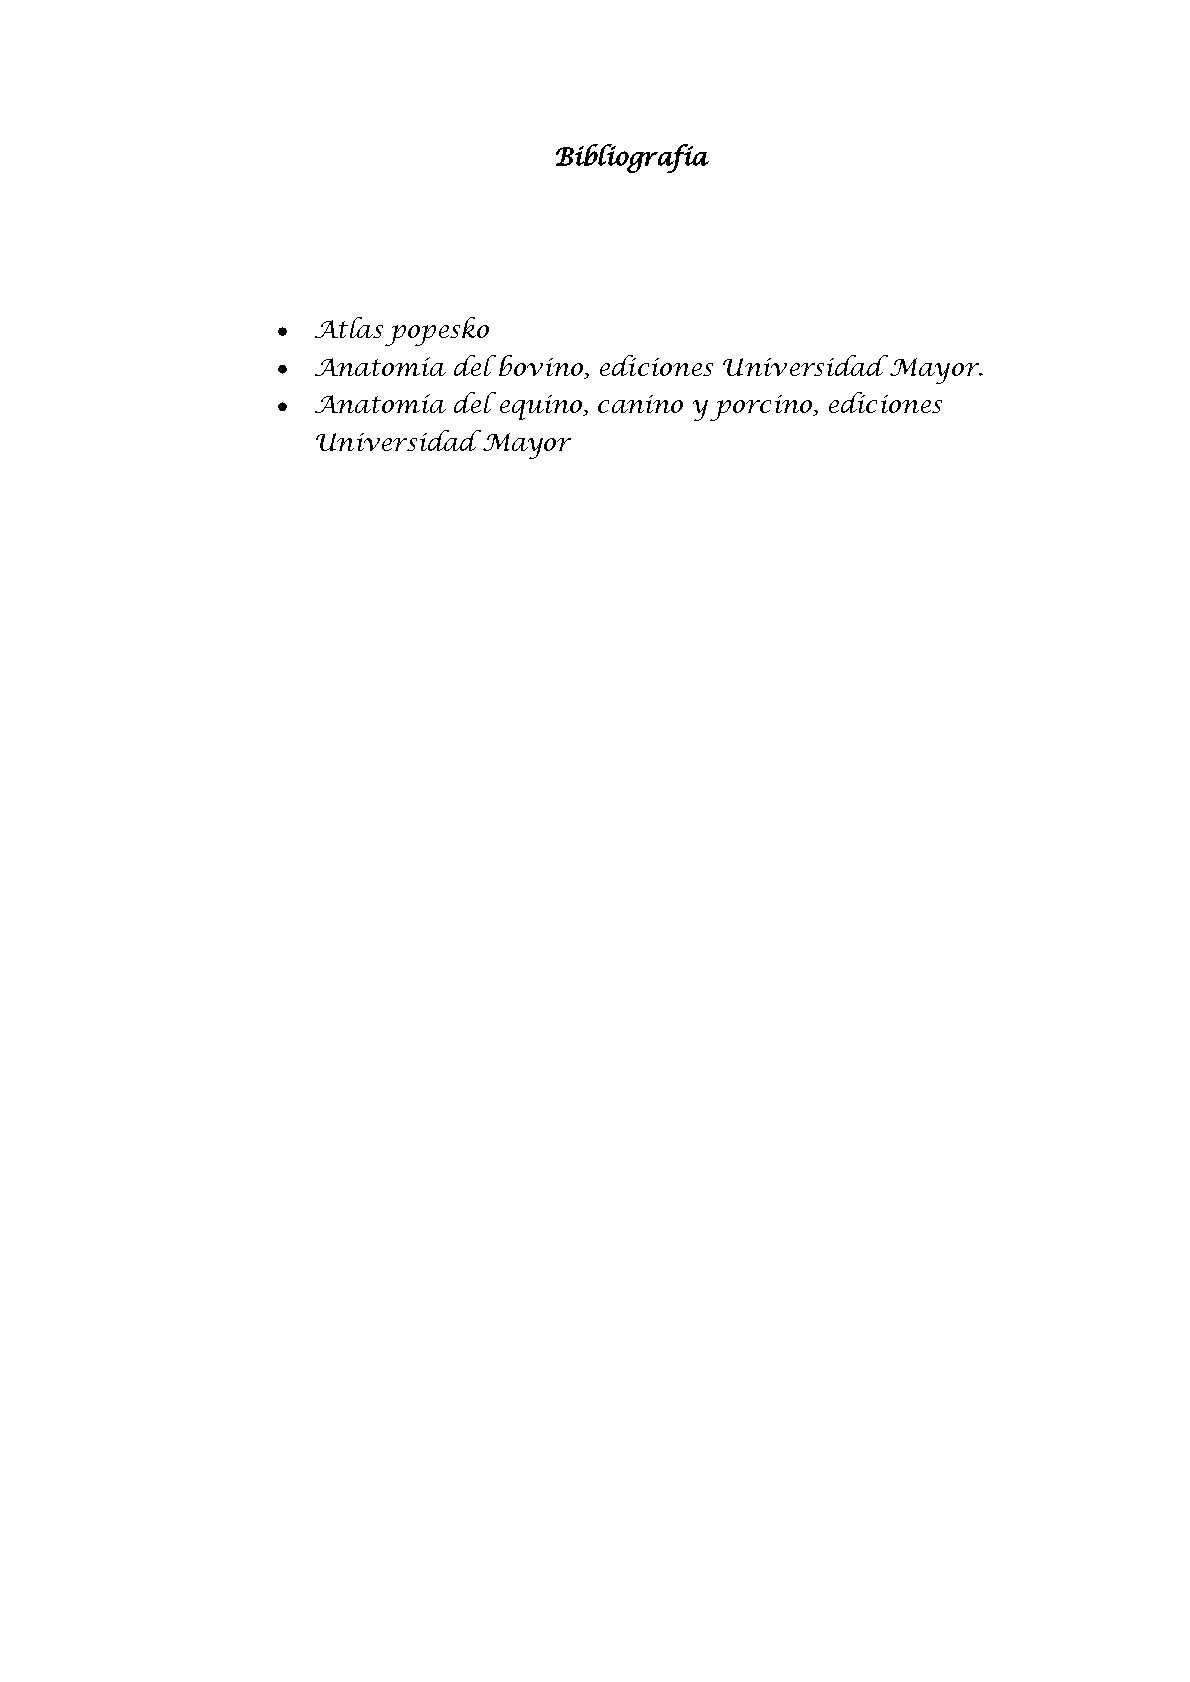 Atlas Sistema Circulatorio Bovino Y Equino Calameo Downloader